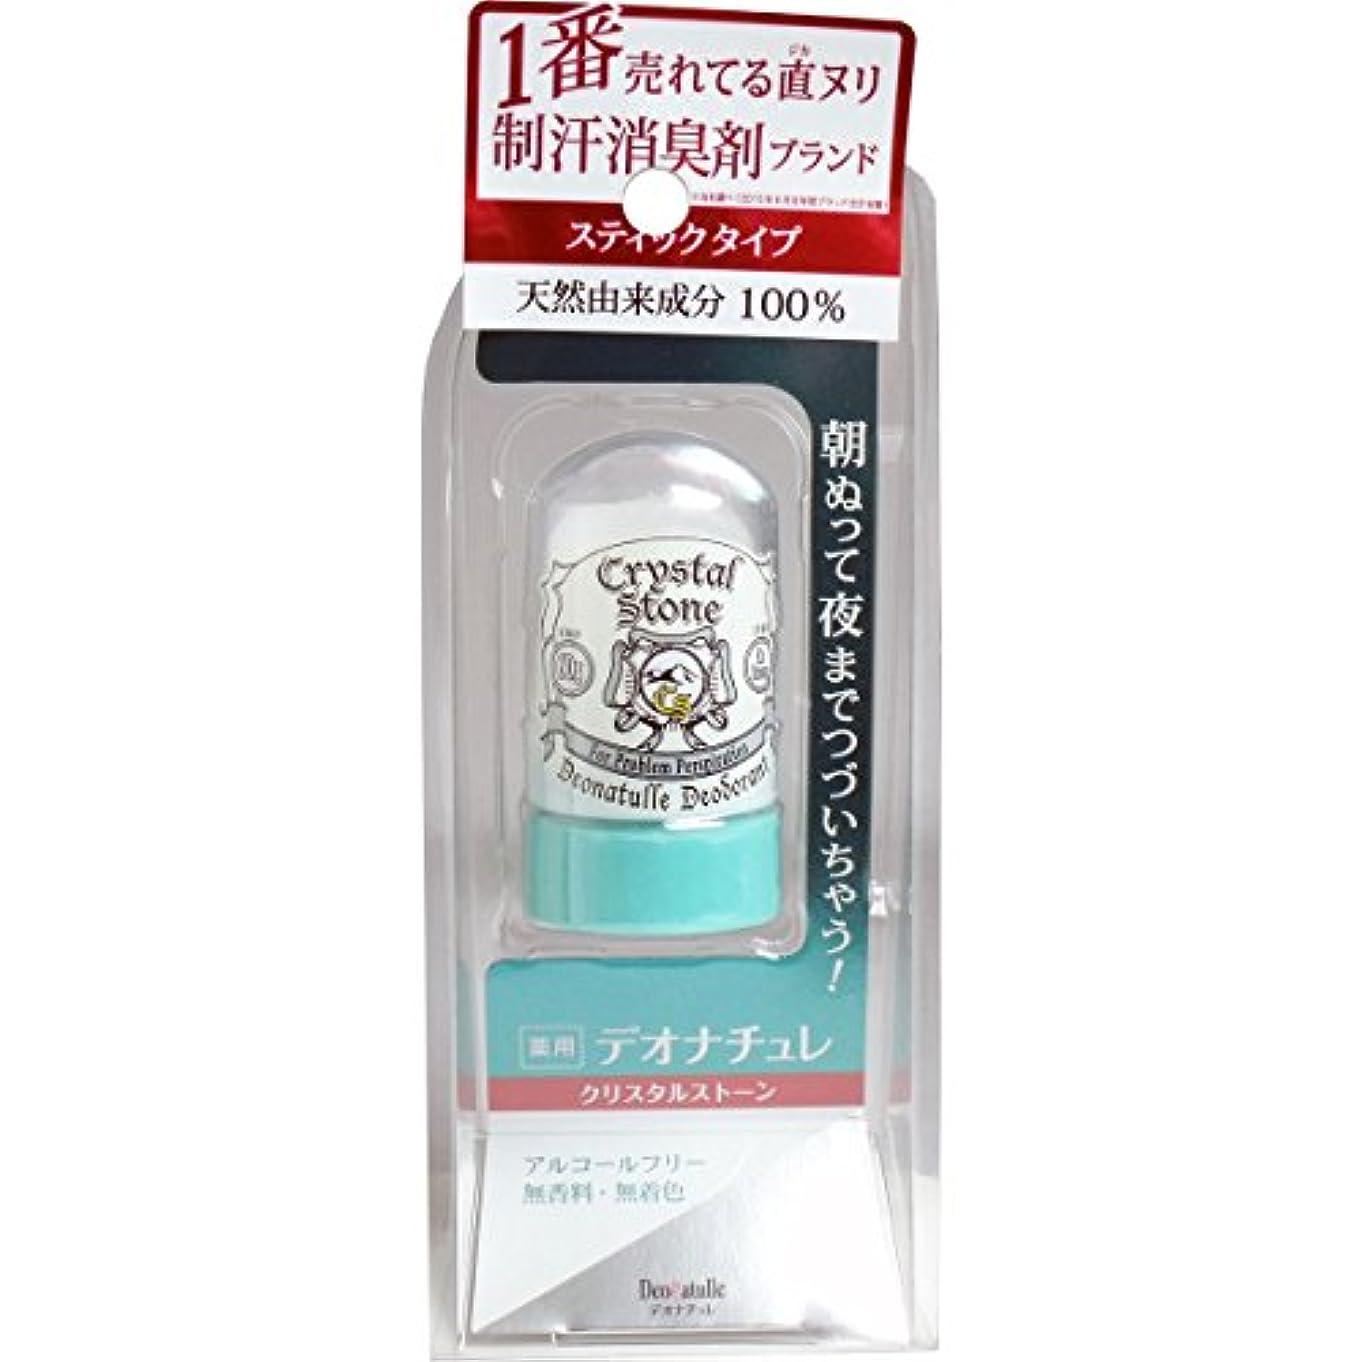 フォーマルイタリアのささやきデオナチュレ クリスタルストーン 60g(医薬部外品)